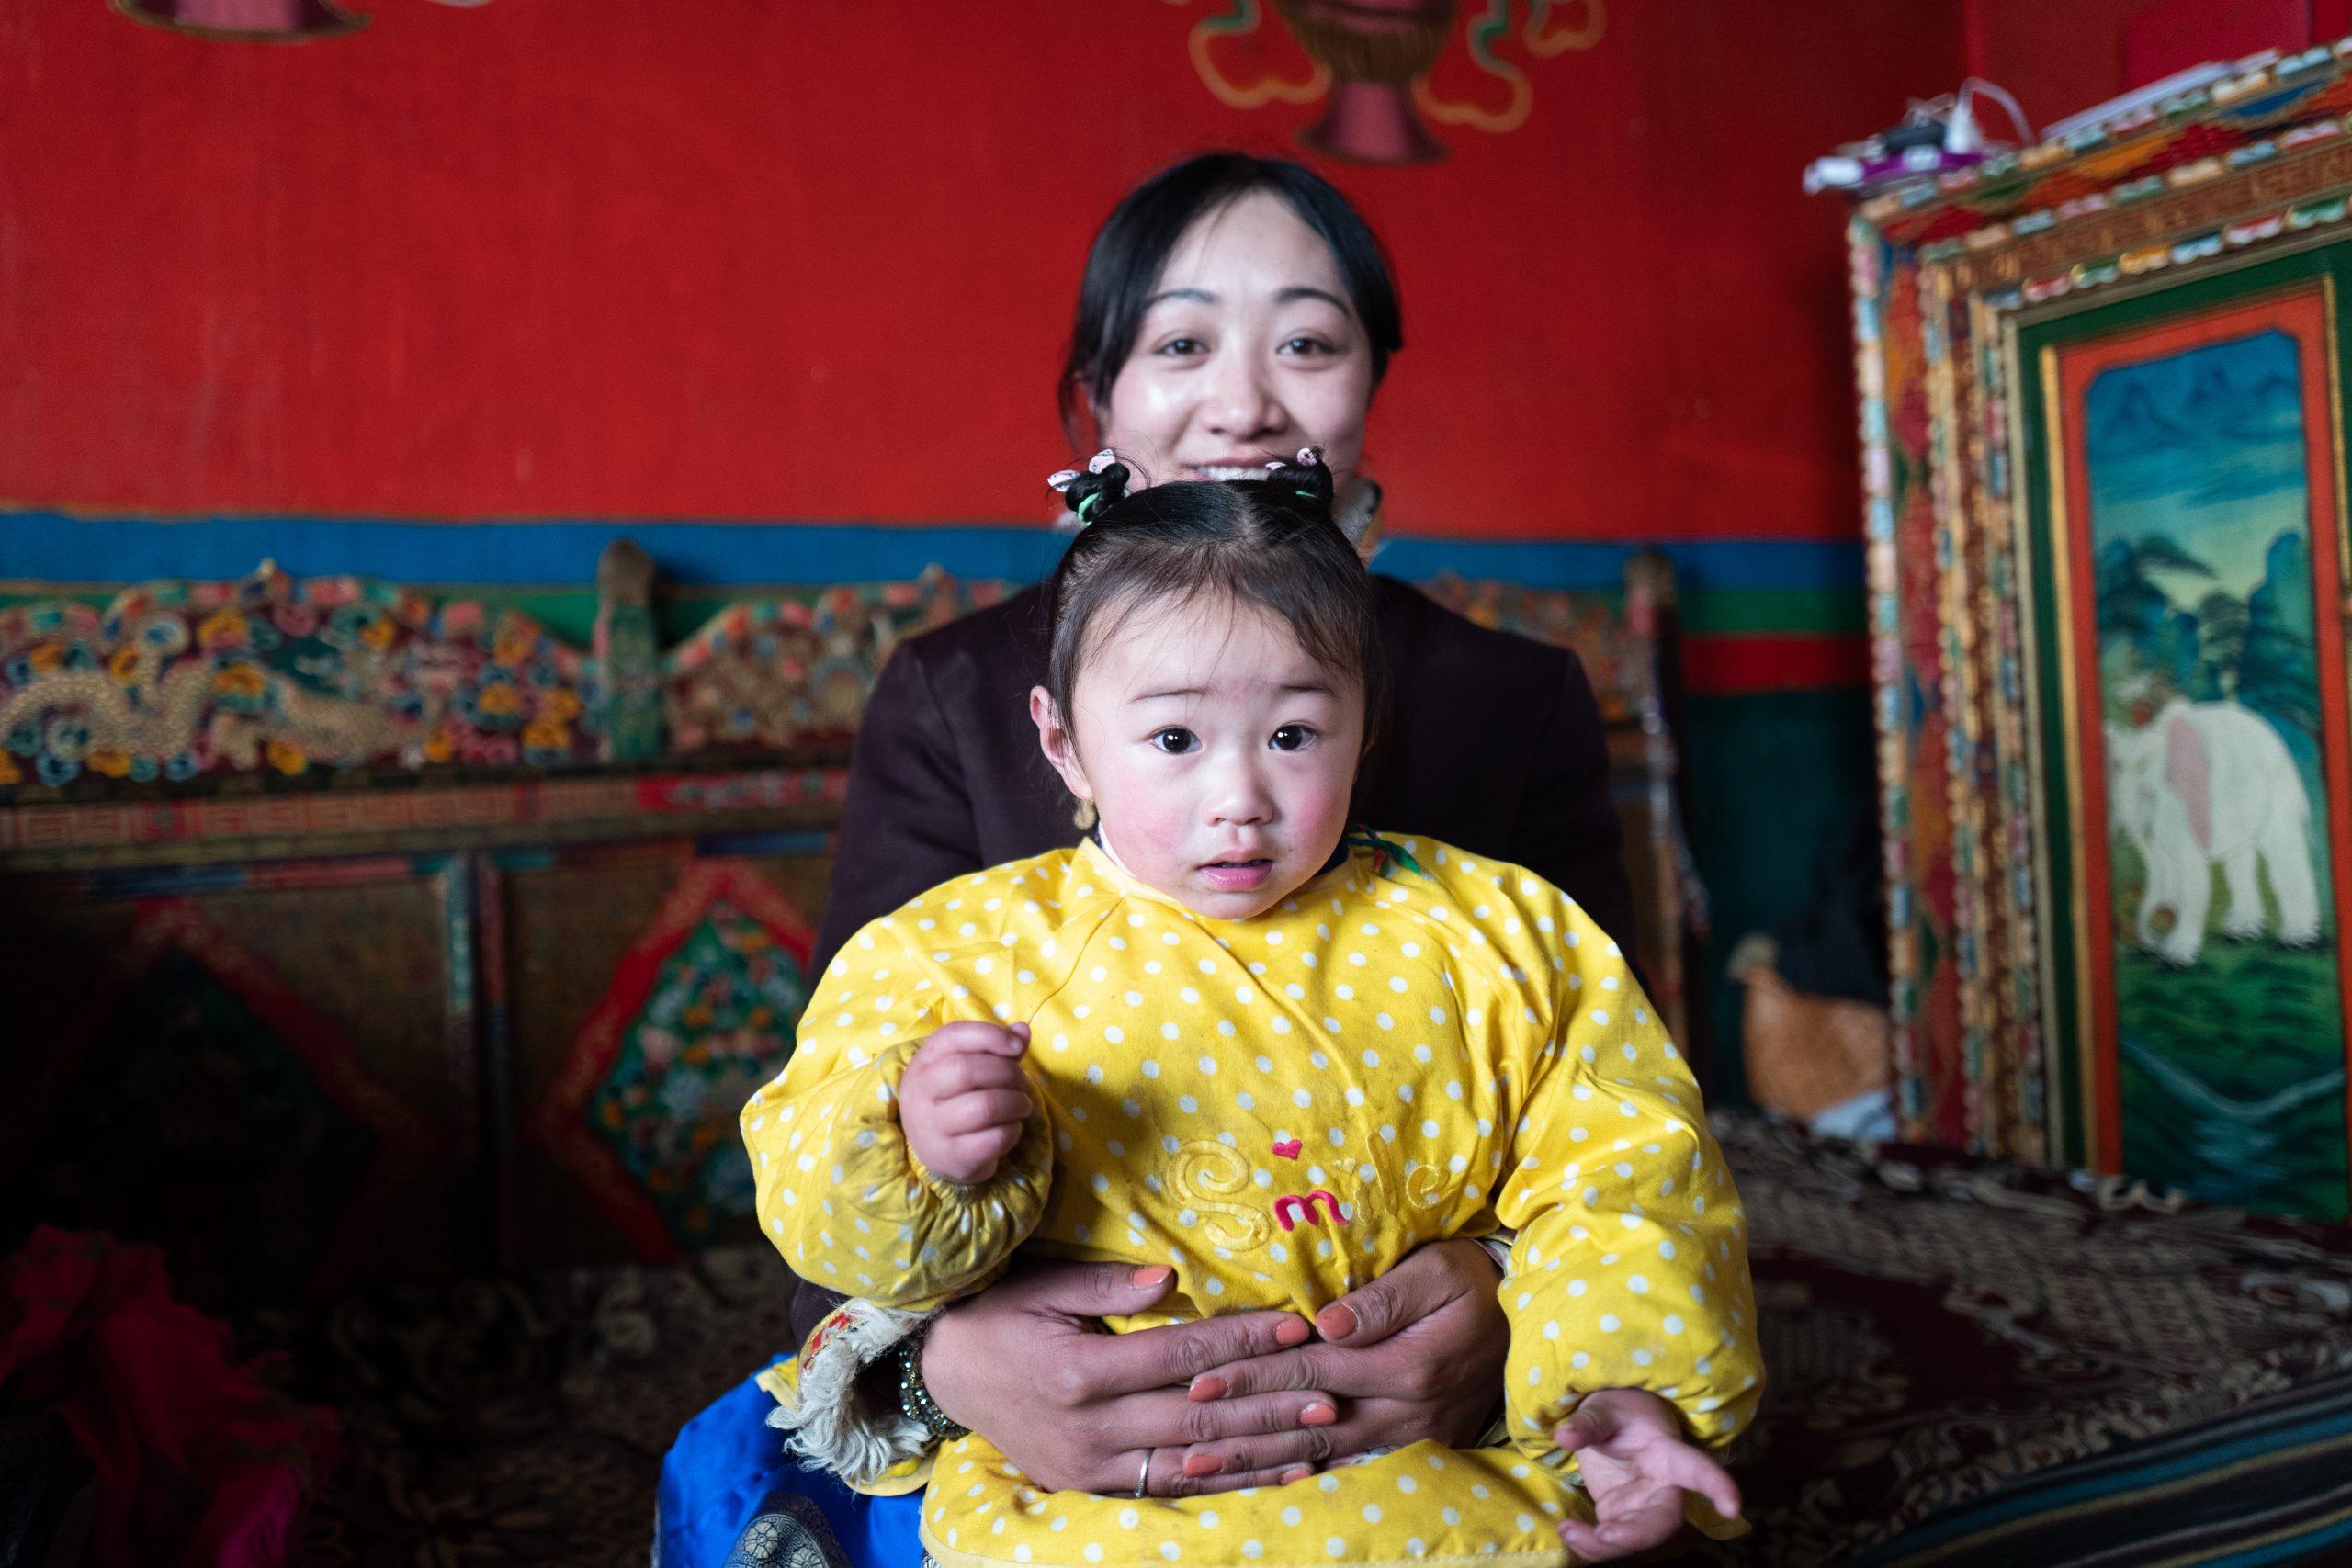 Tíbet construye más casas asequibles para mejorar condiciones de vida